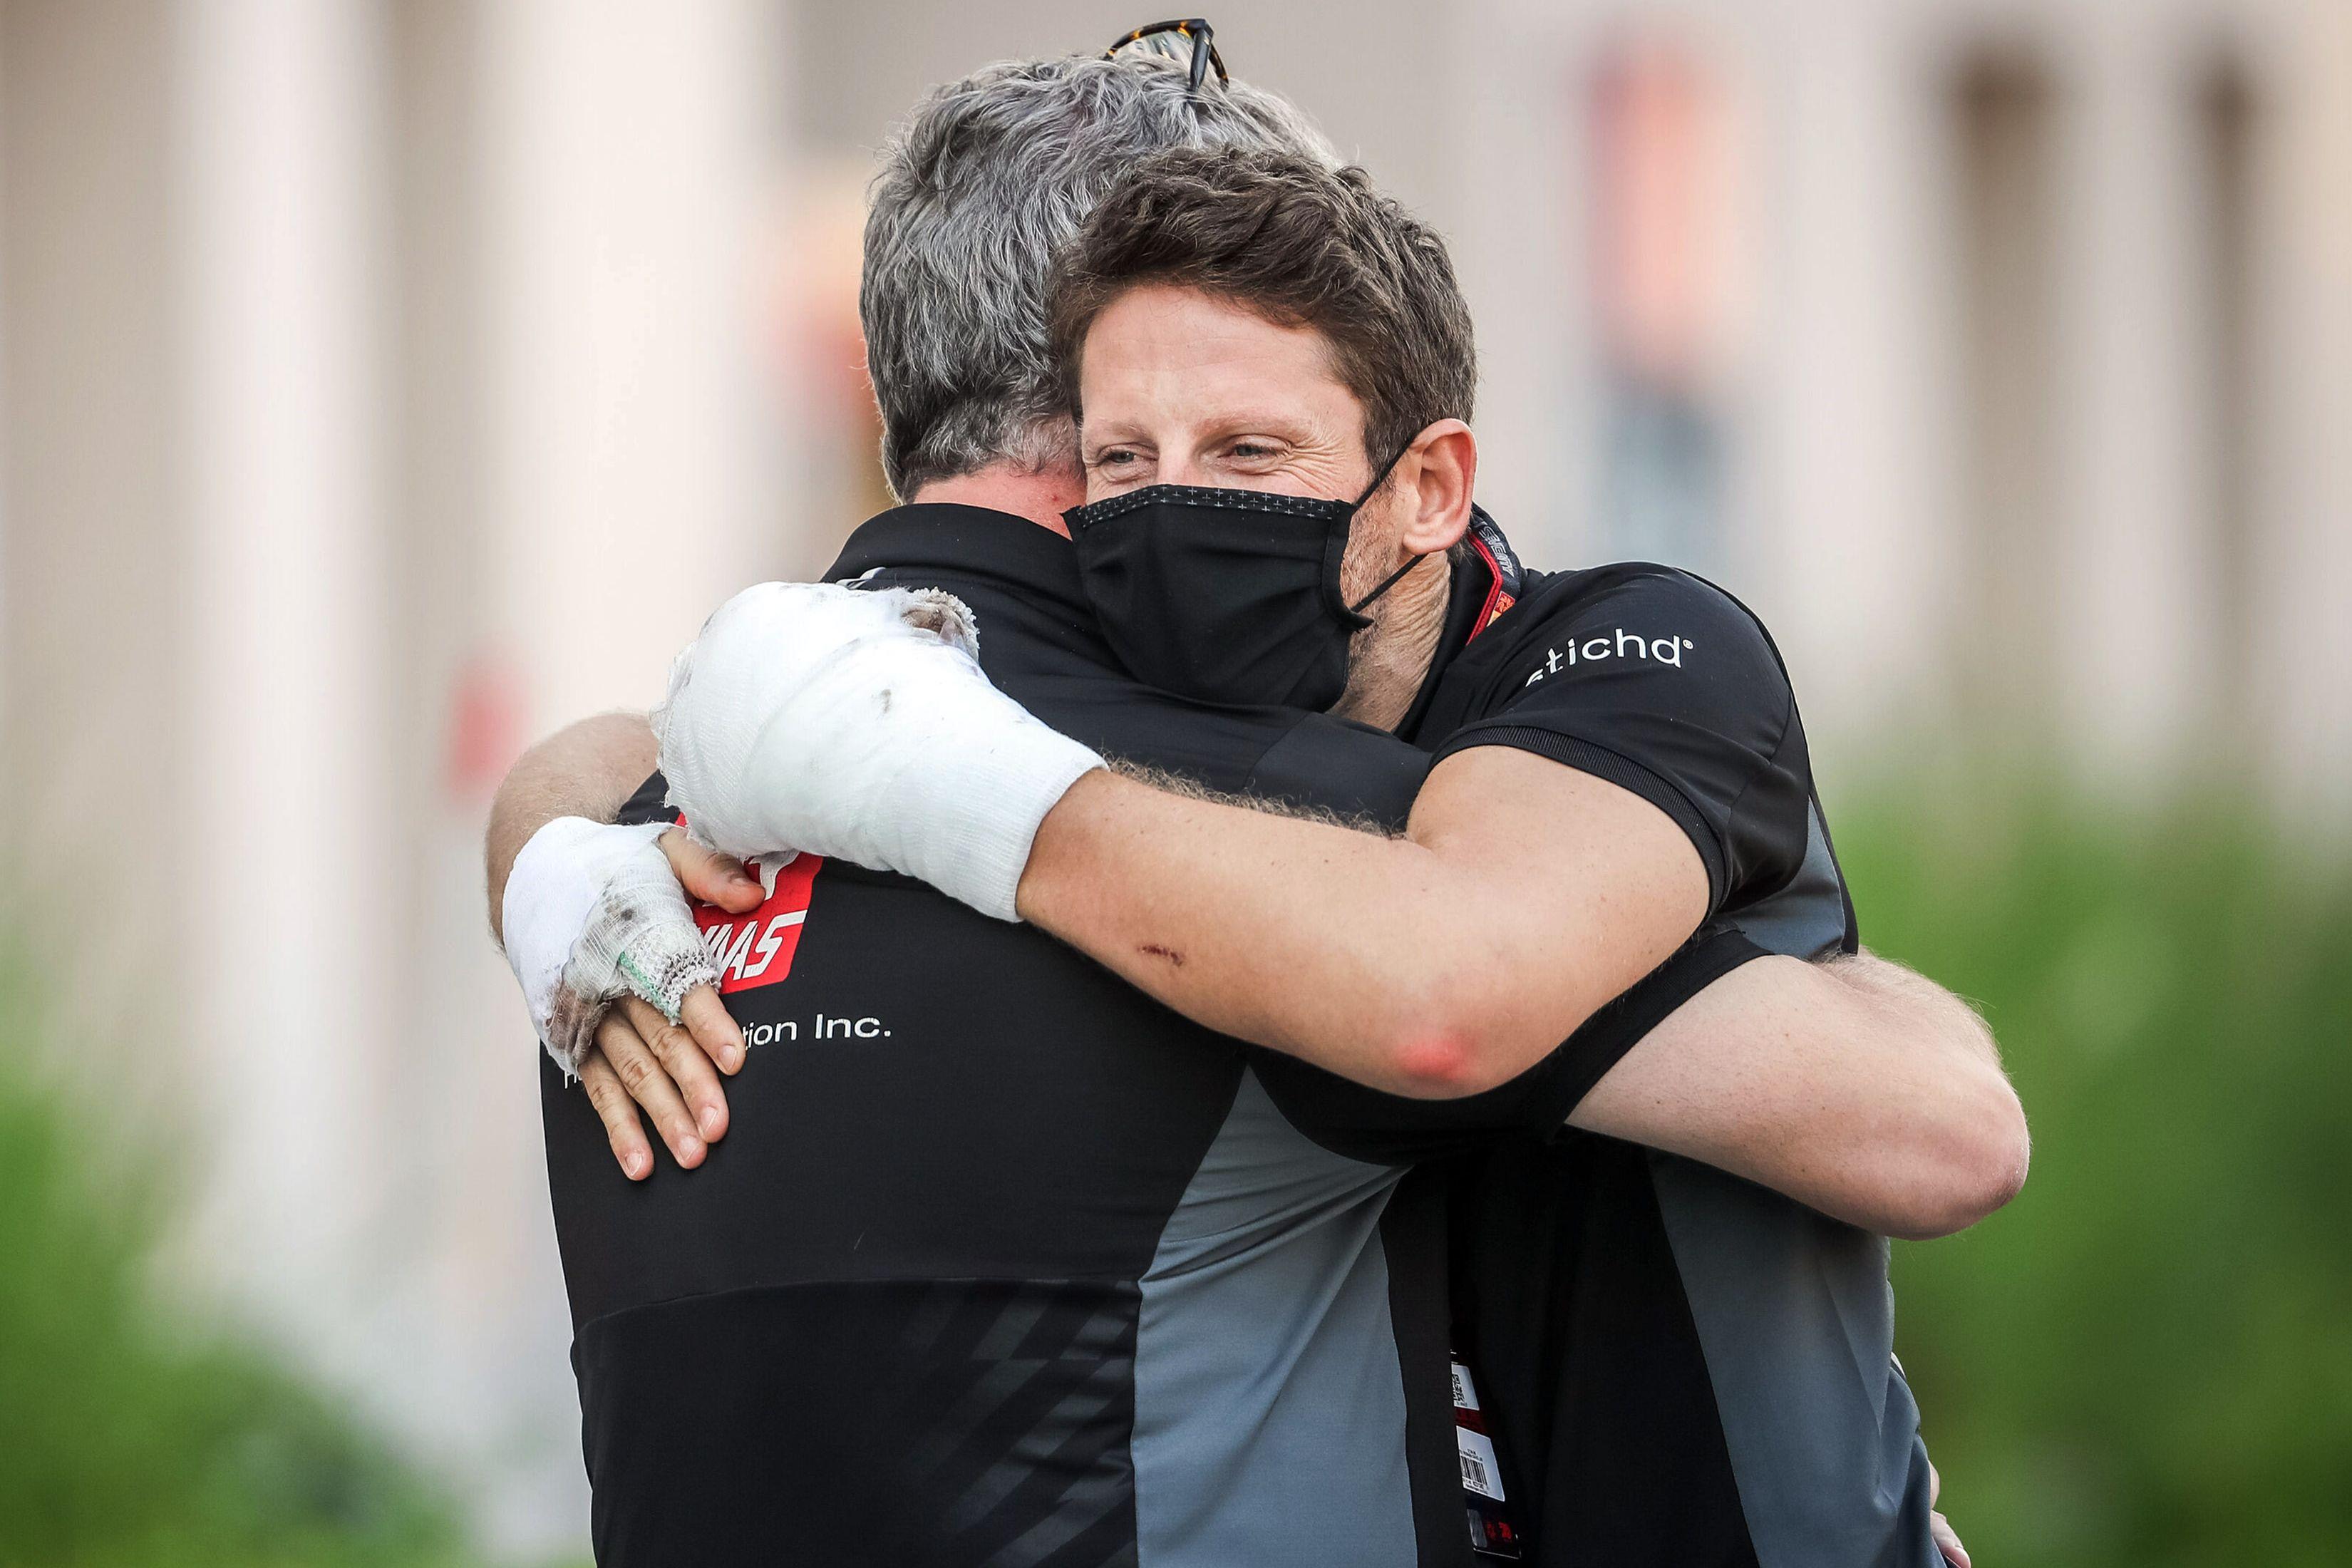 Грожану придётся перенести операцию из-за аварии на Гран-при Бахрейна